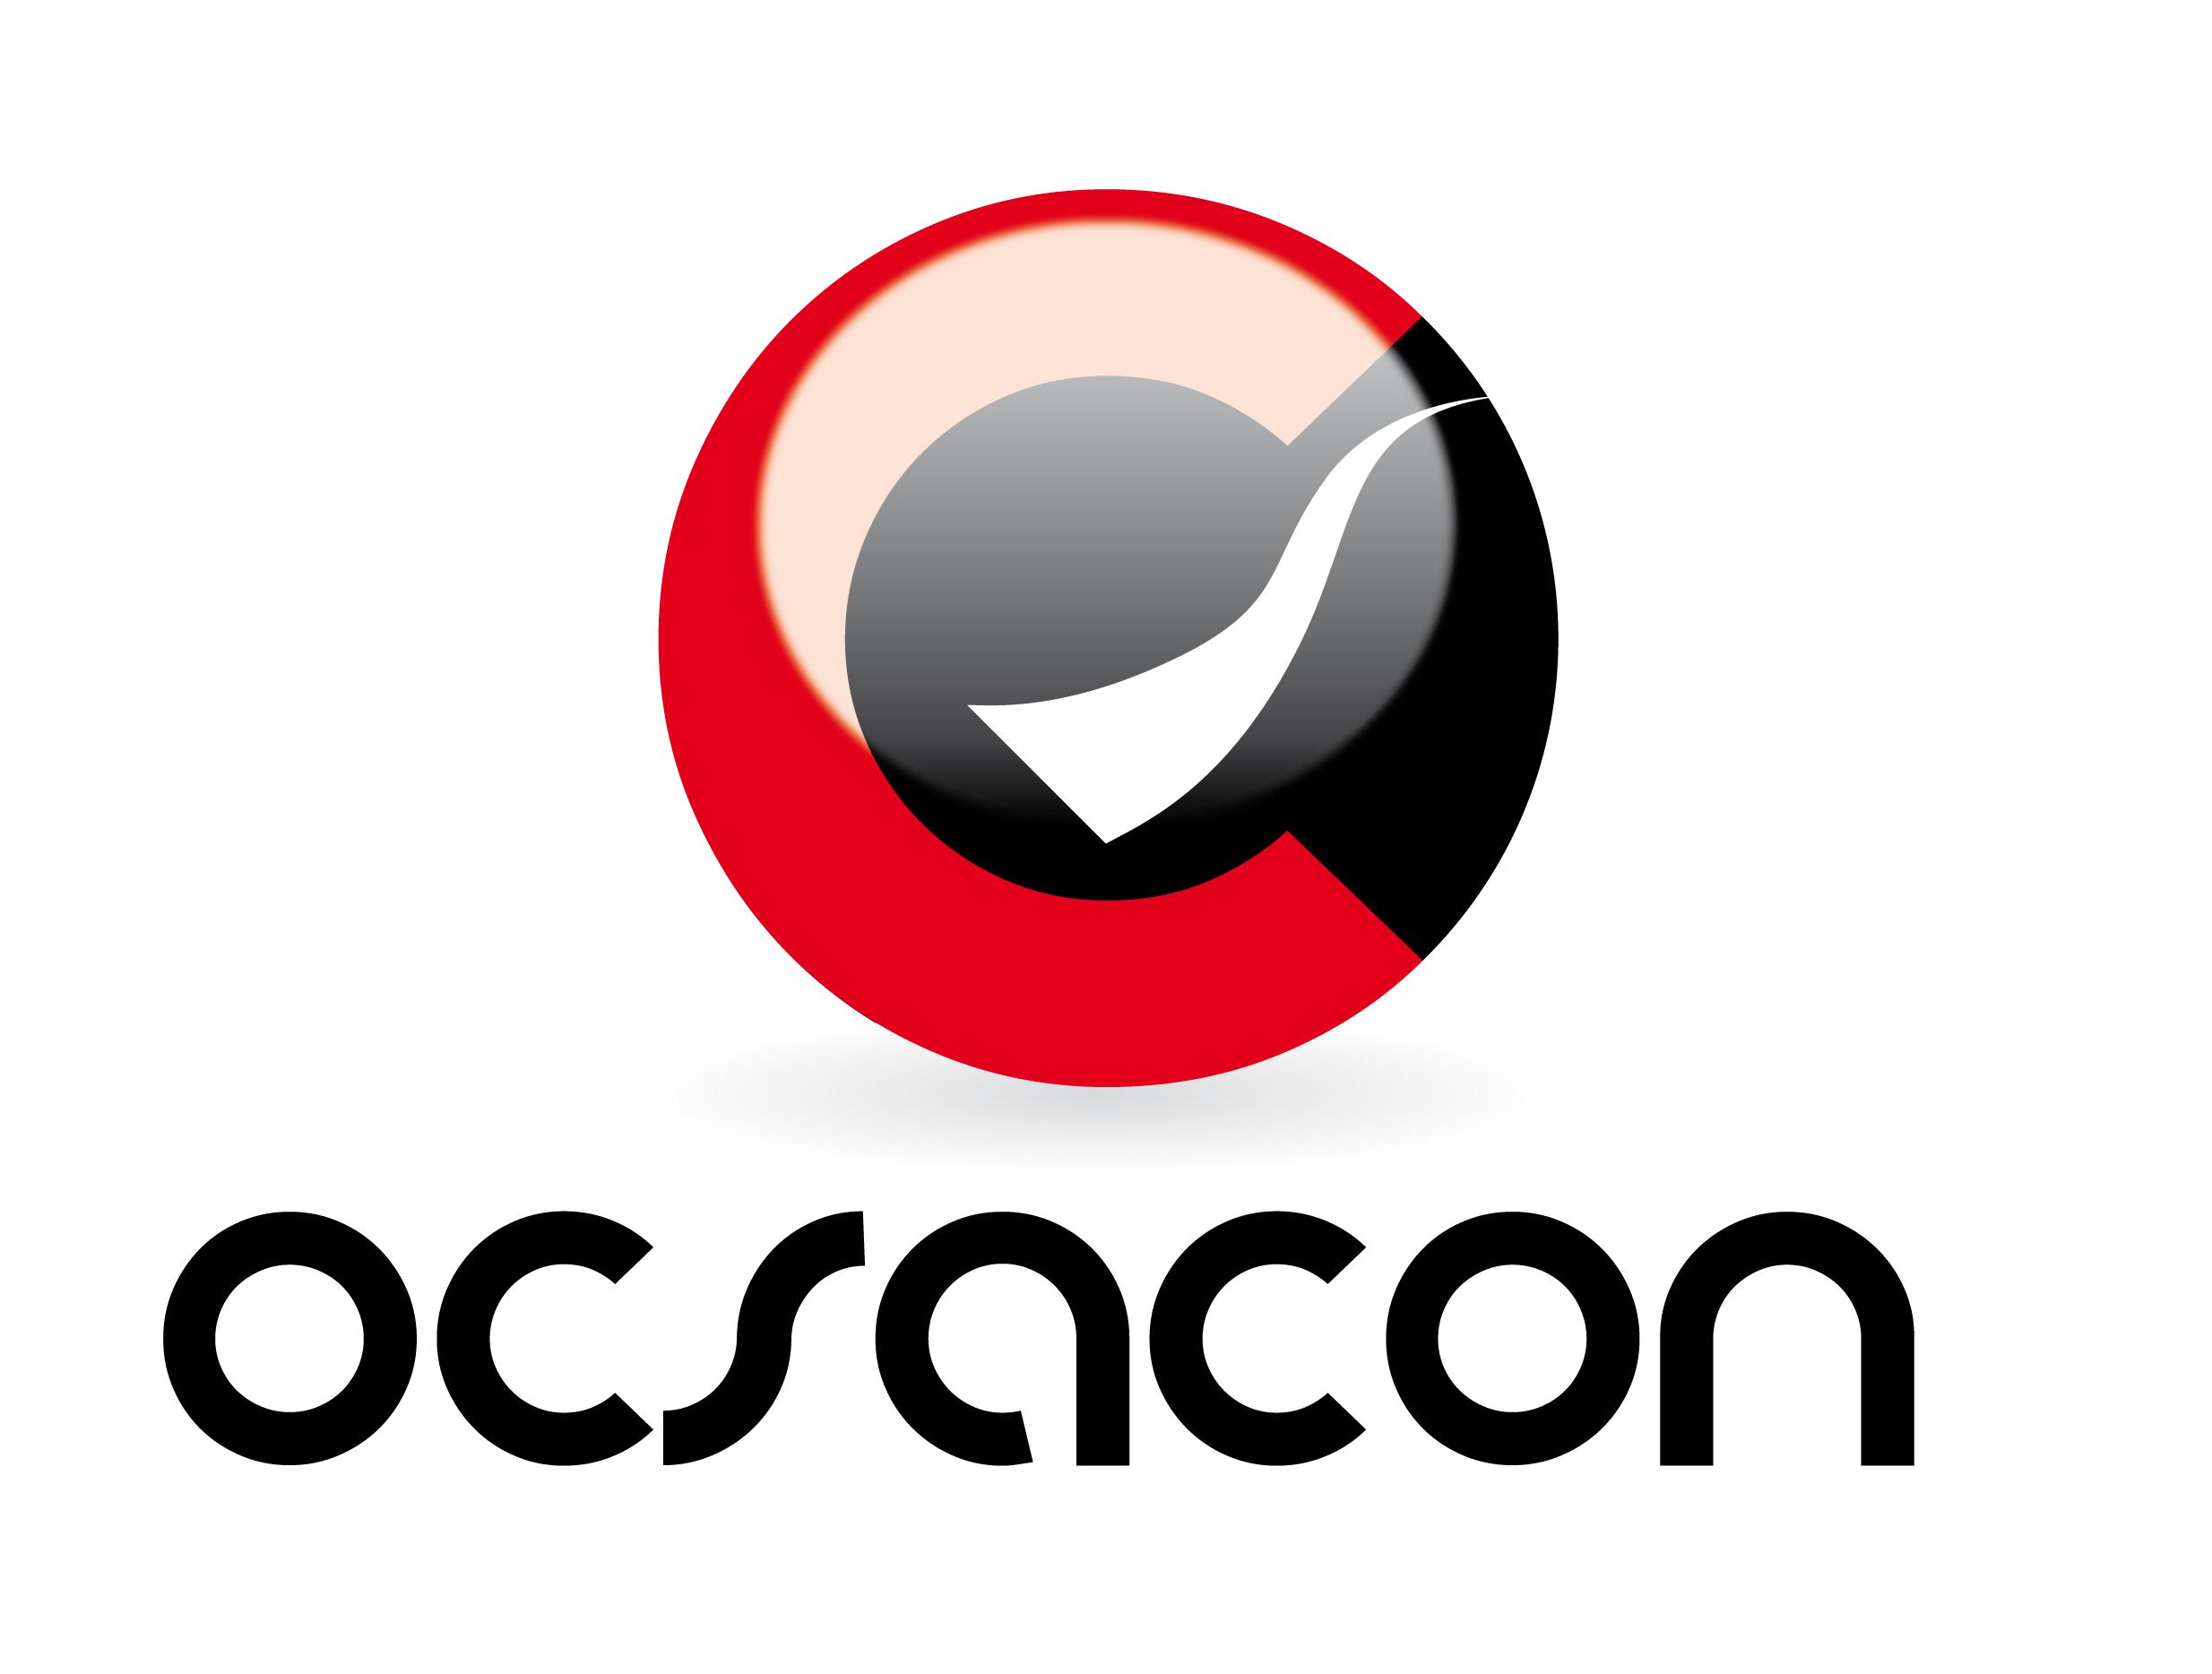 Ocsacon S.L.U.